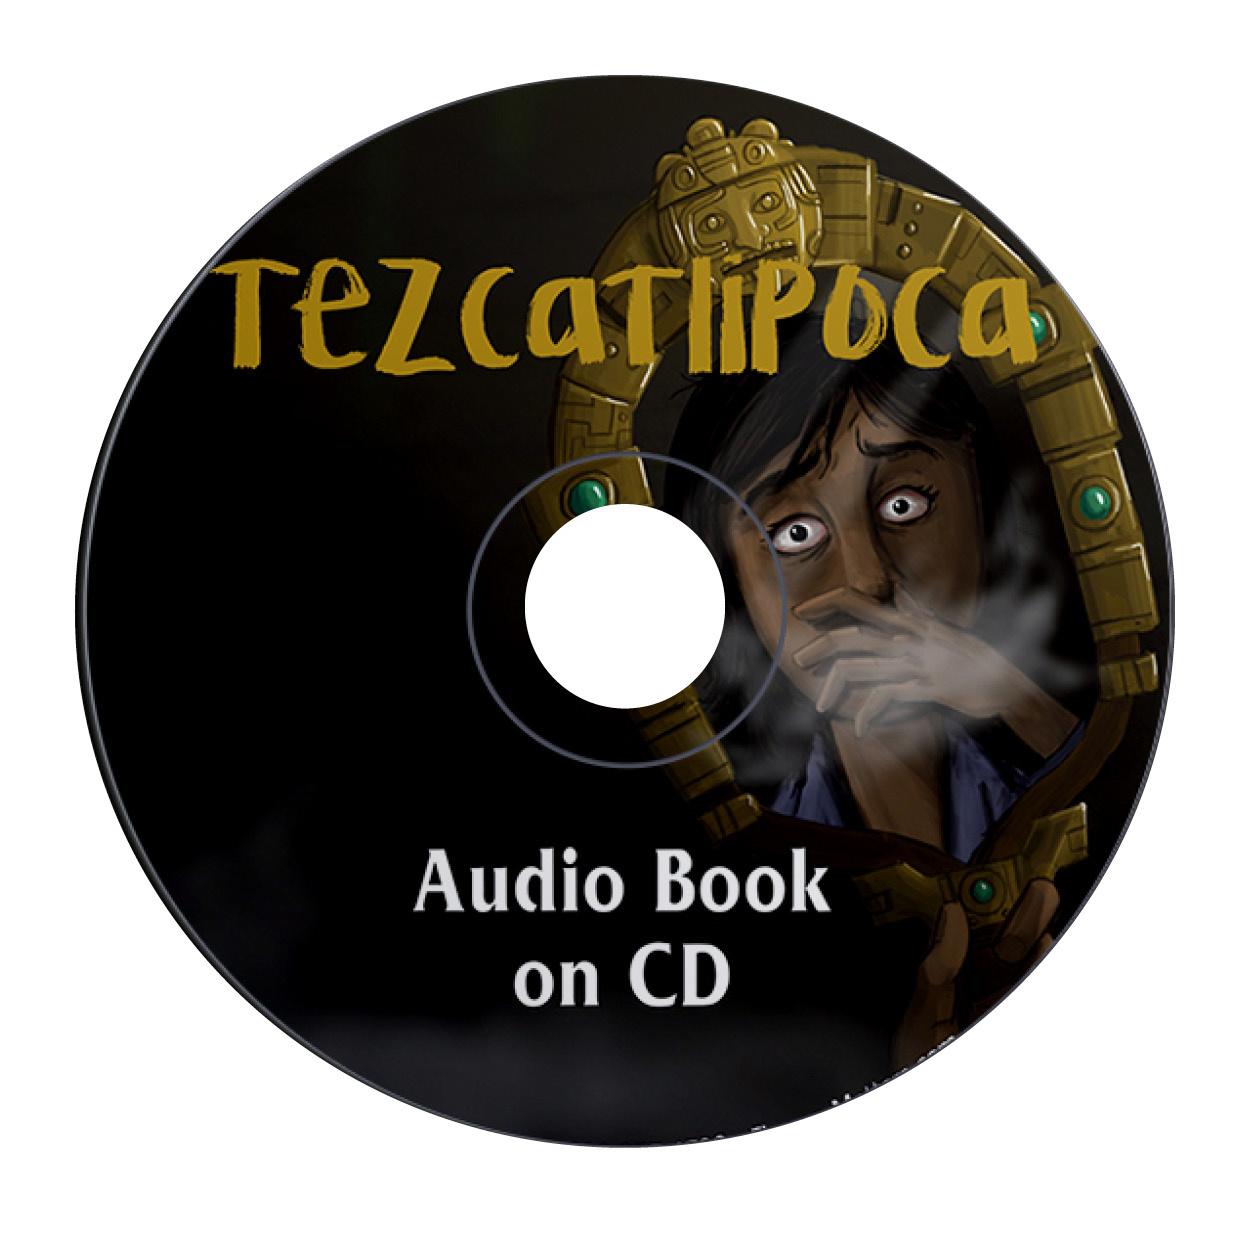 Tezcatlipoca - Luisterboek